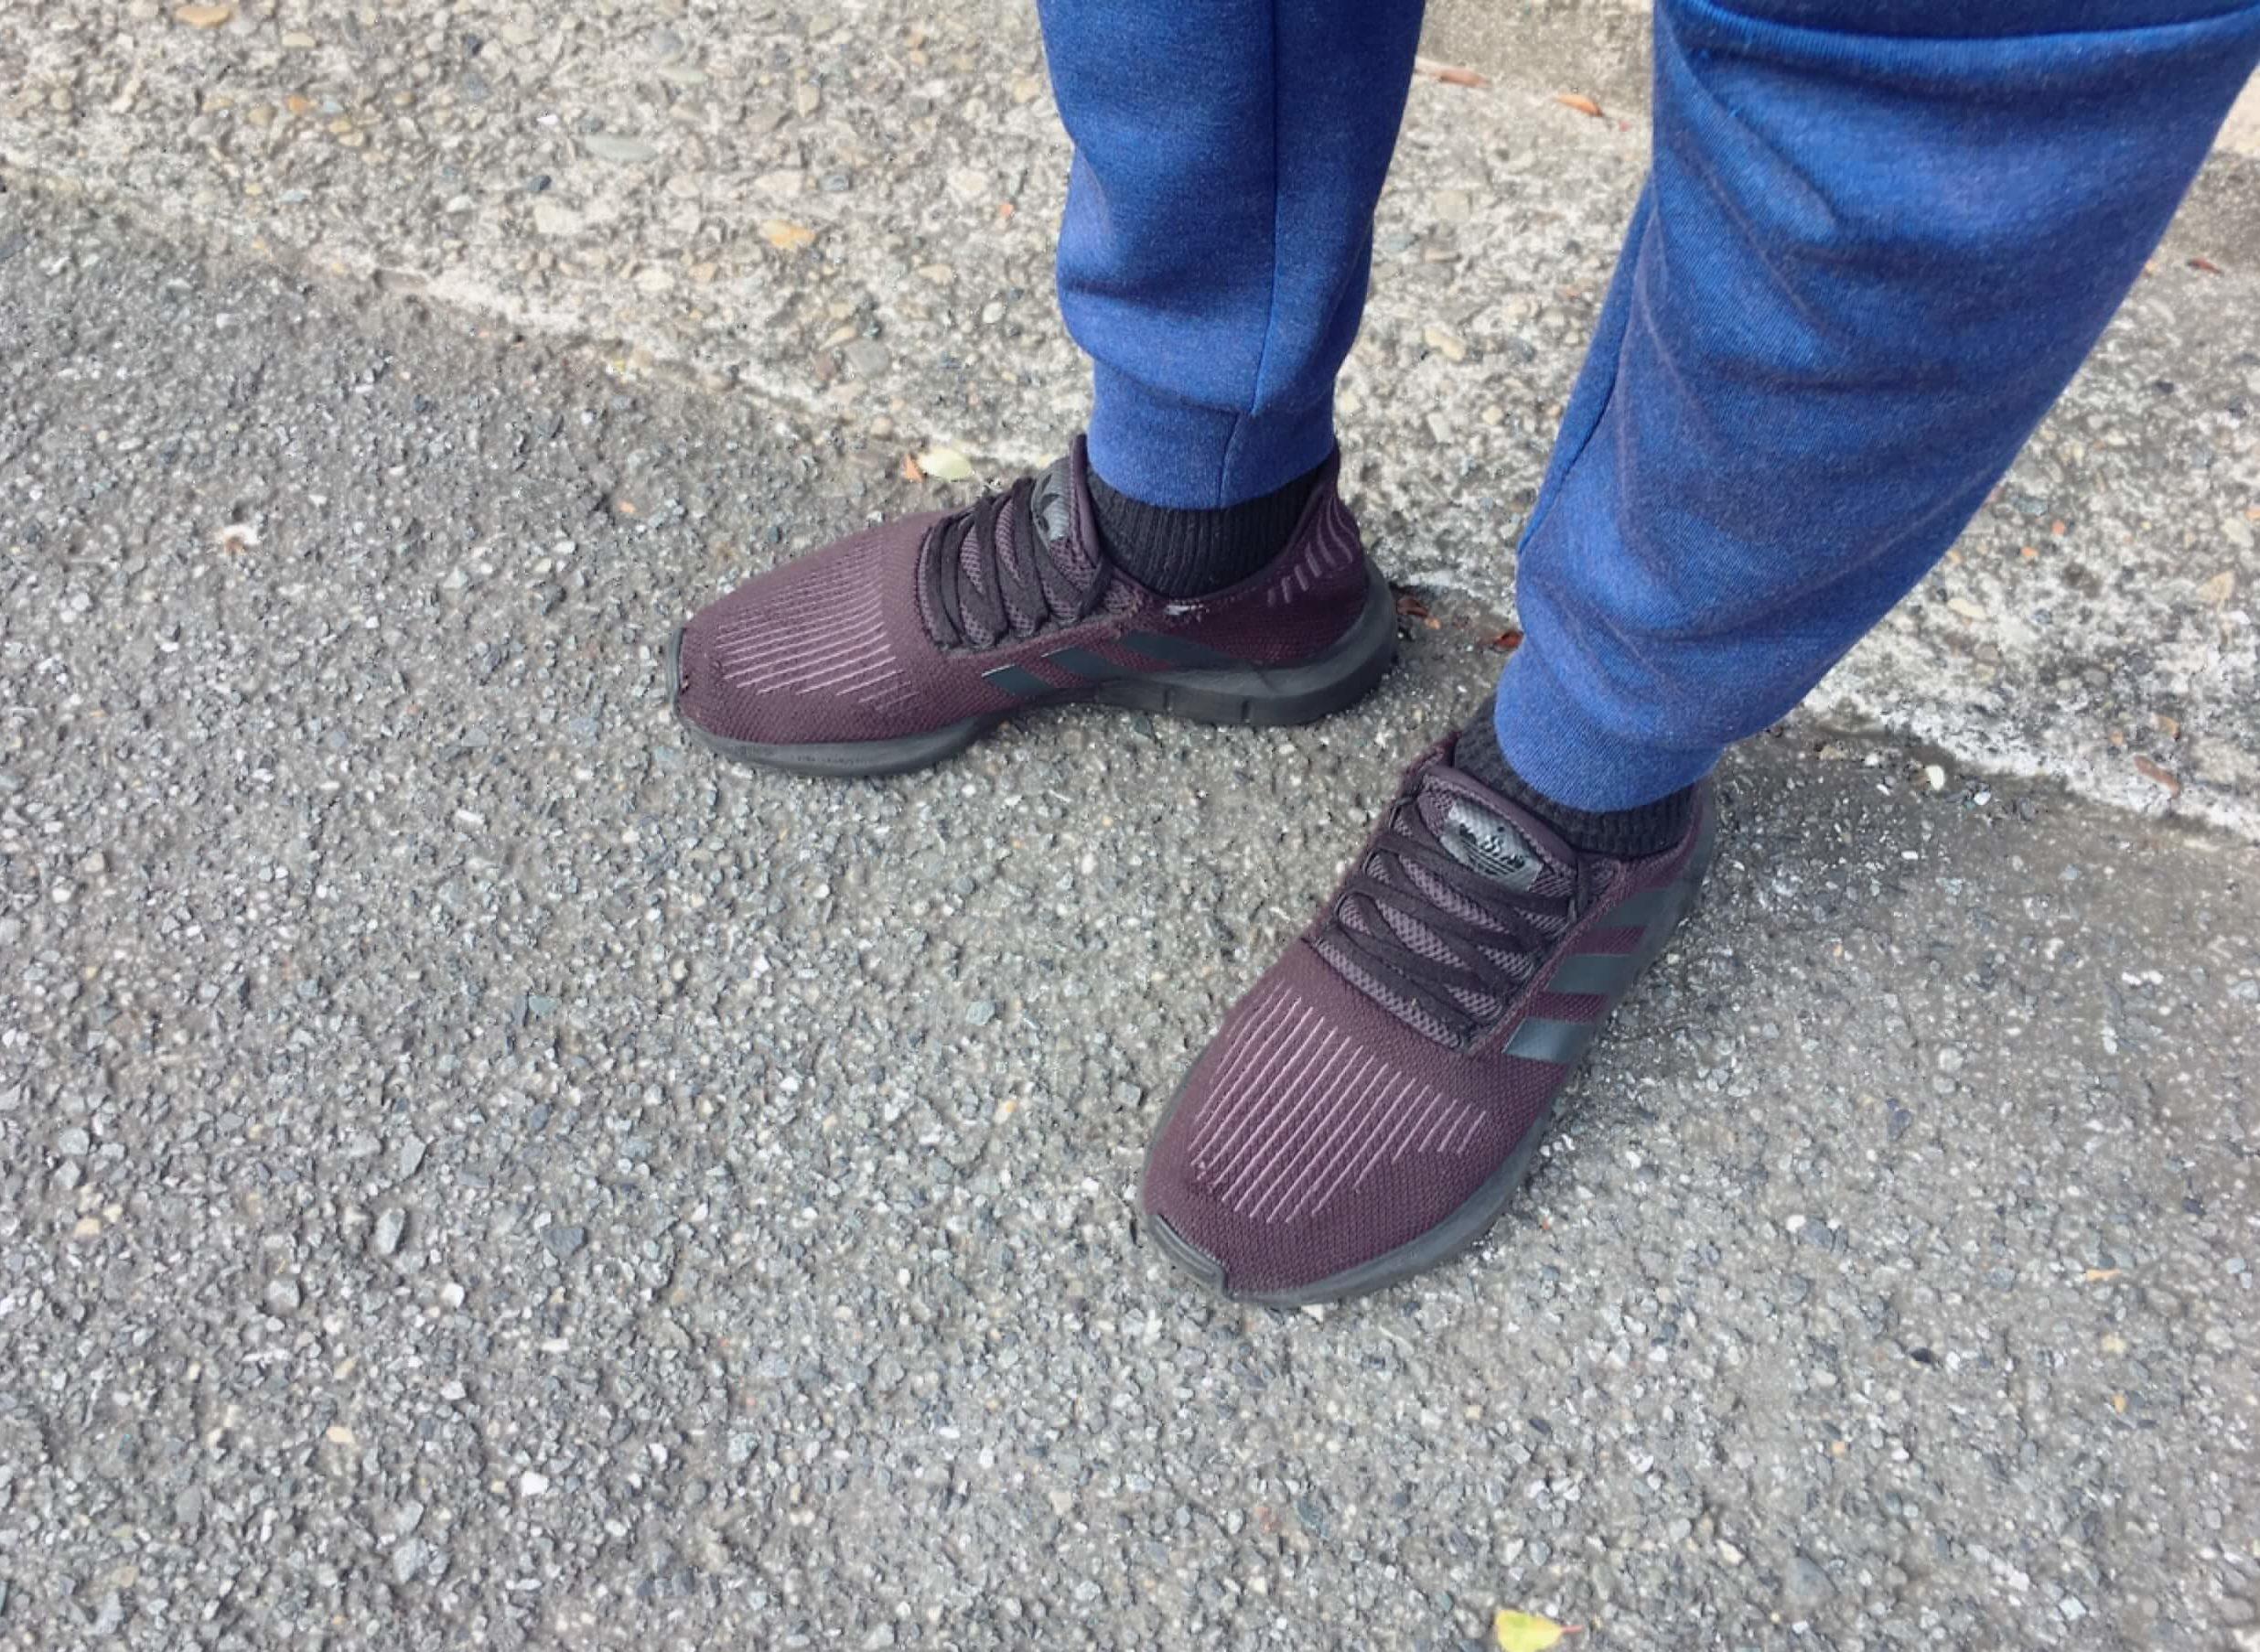 ナイキテックフリースジョガーパンツの丈のサイズ感